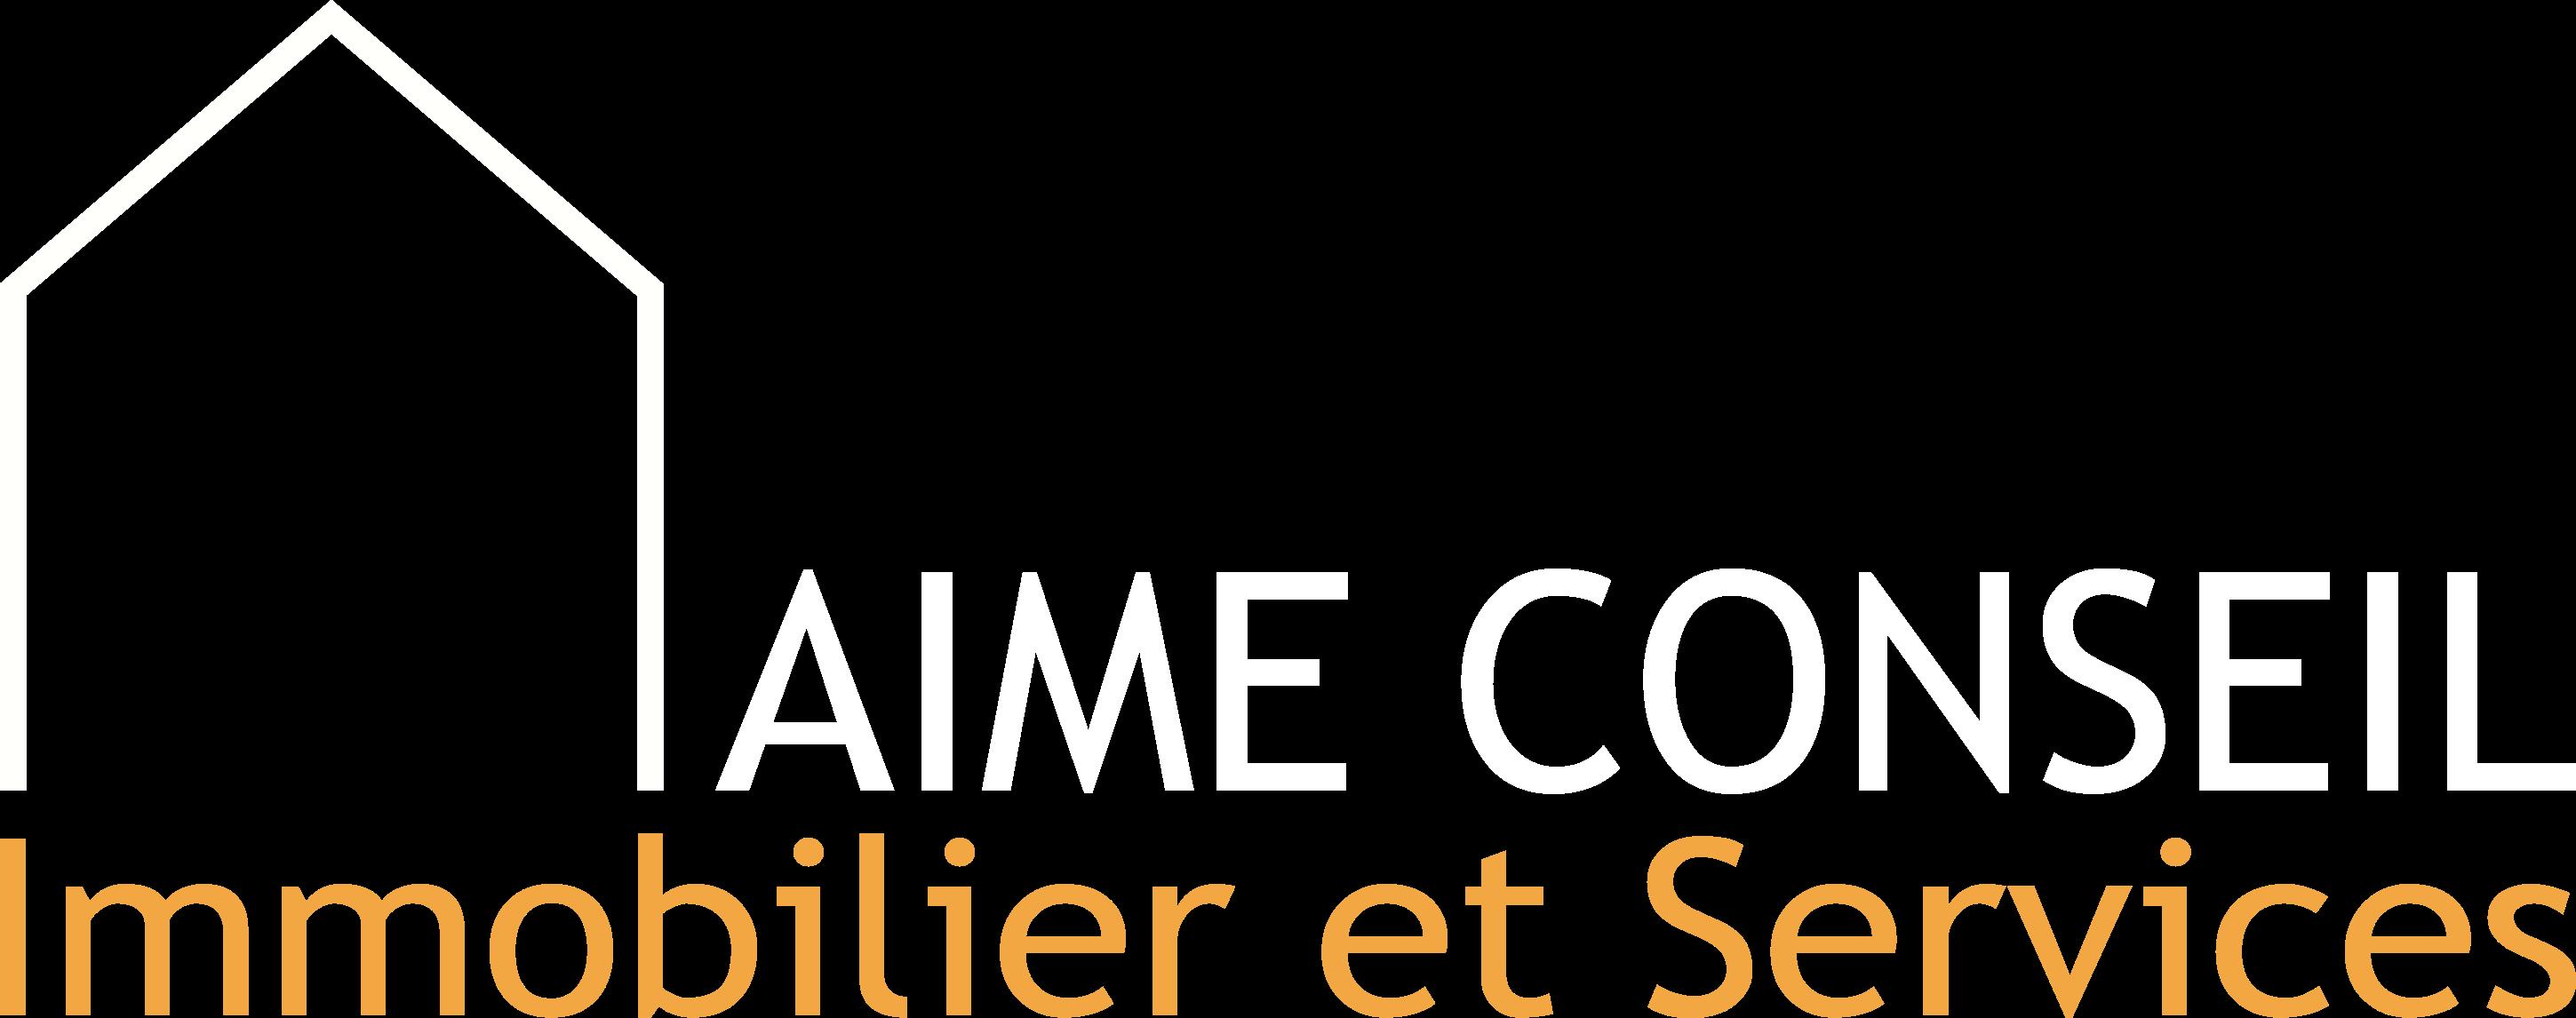 Logo Aime Conseil Immobilier et Services Cabinet de Syndic de copropriété en Tarentaise. Gestion d'immeubles dans les stations de ski de La Plagne, Tignes, Les Arcs, La Rosière et les villes de la vallée comme Bourg saint Maurice, Aime et Moutiers